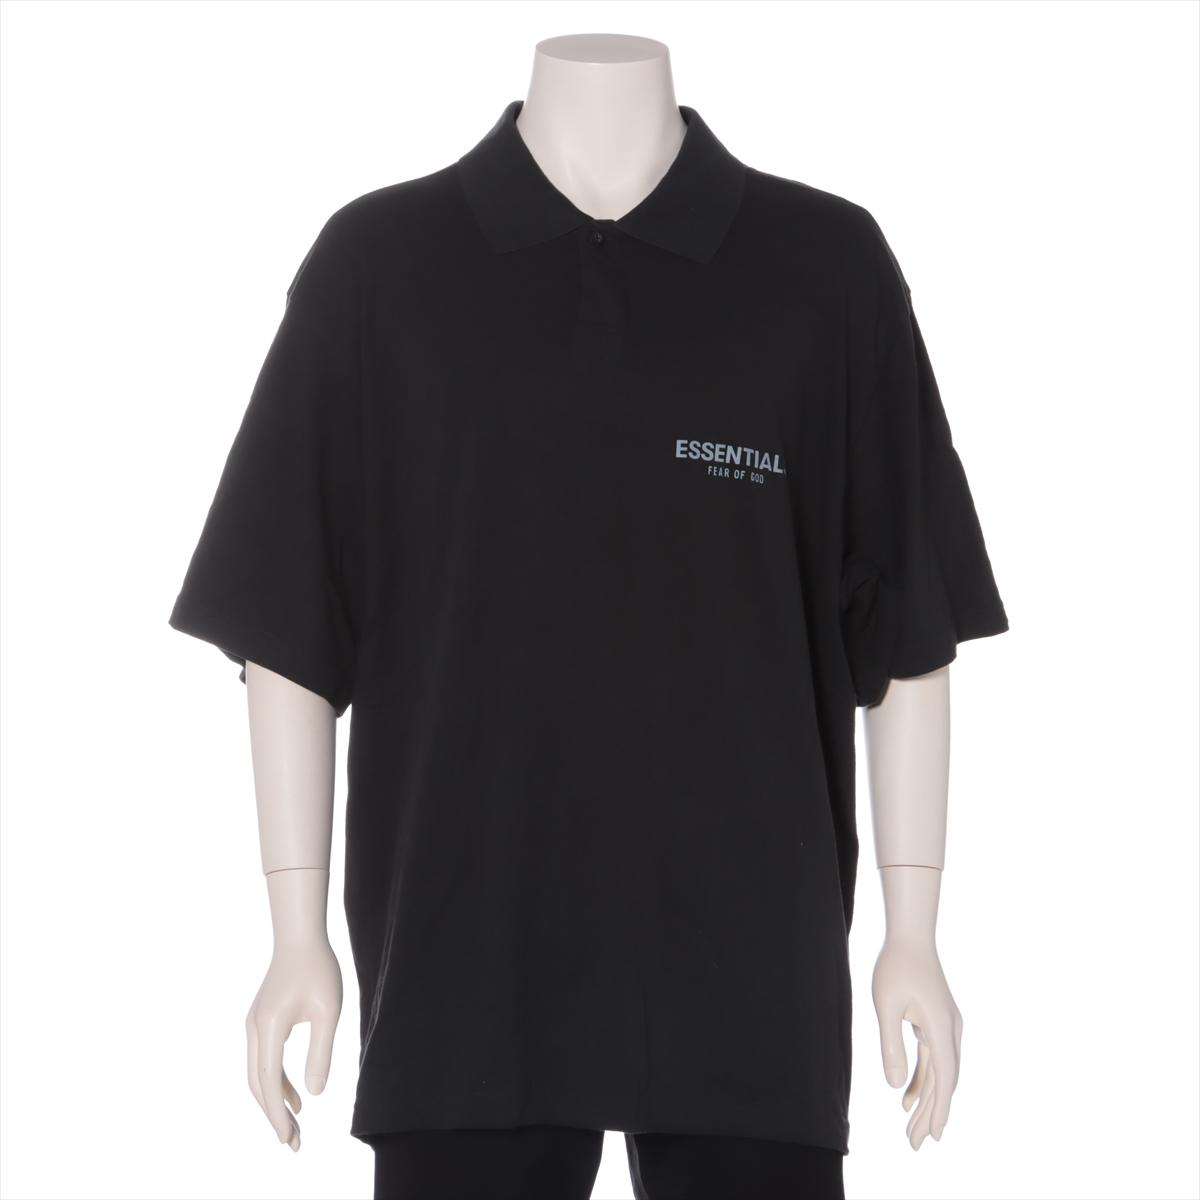 セットアップ 中古 大幅値下げランキング フィアオブゴッド エッセンシャルズ コットン ポロシャツ L ブラック メンズ